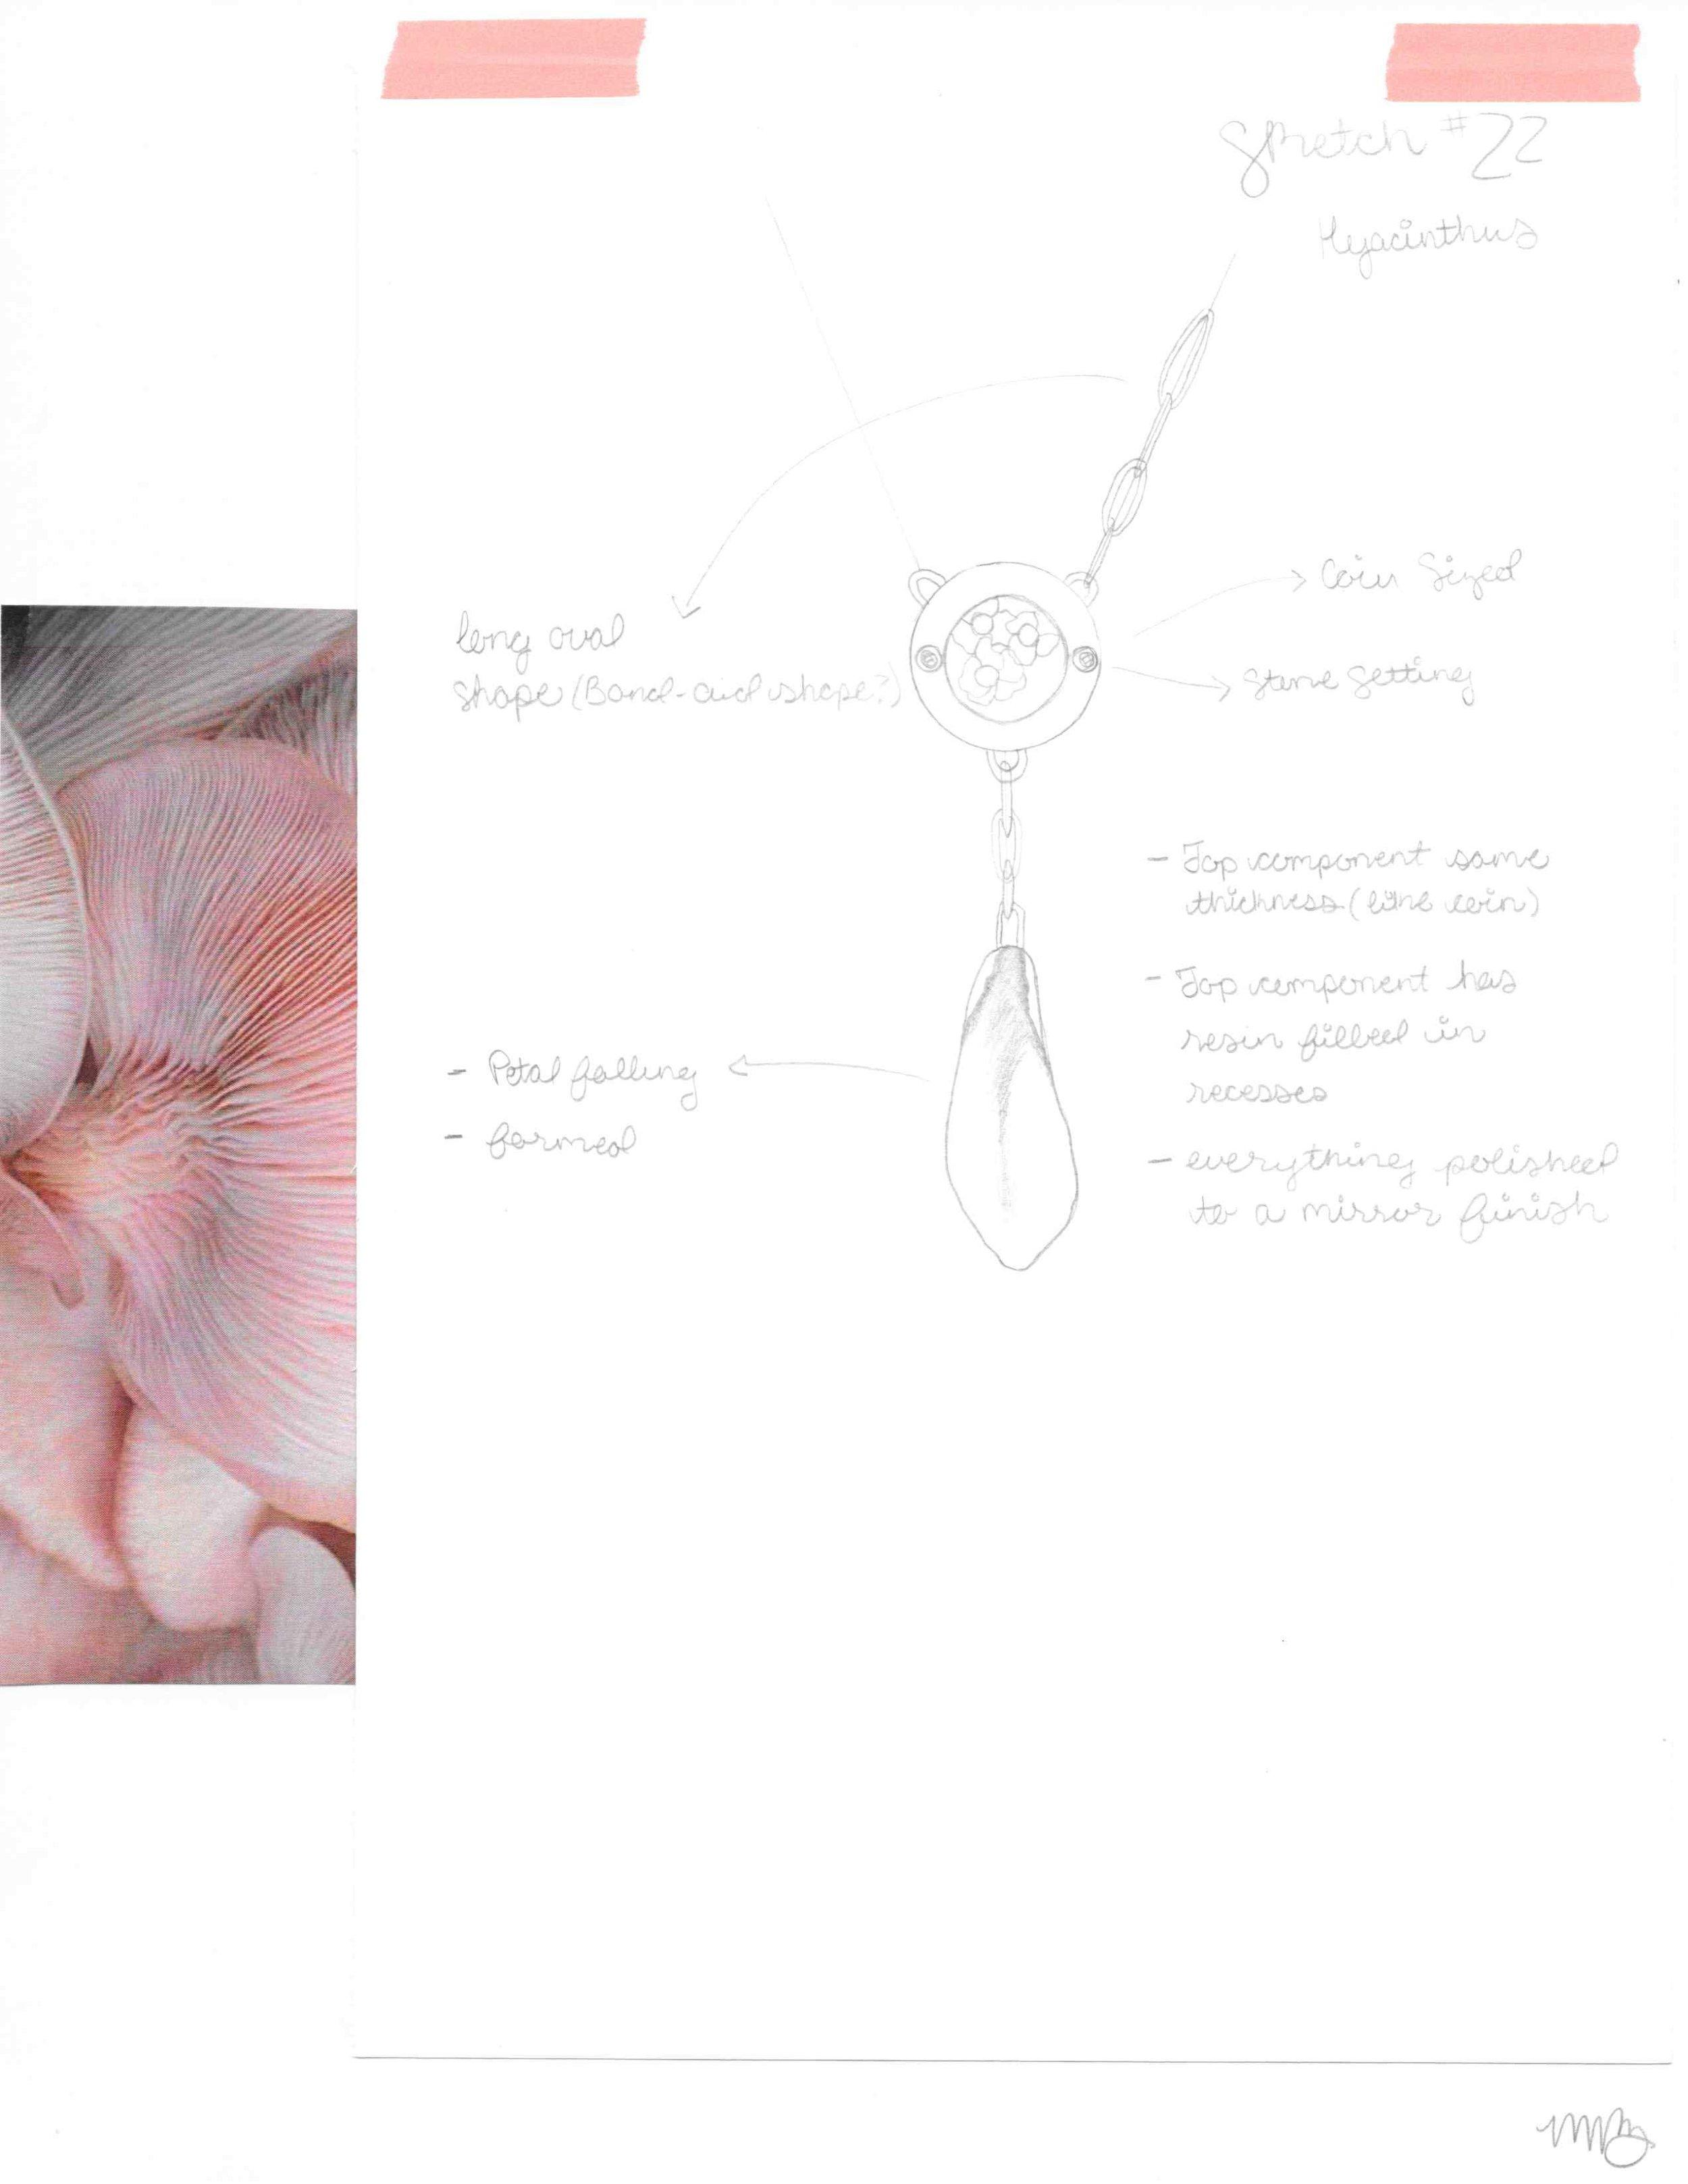 Usurper Sketch_022.jpg